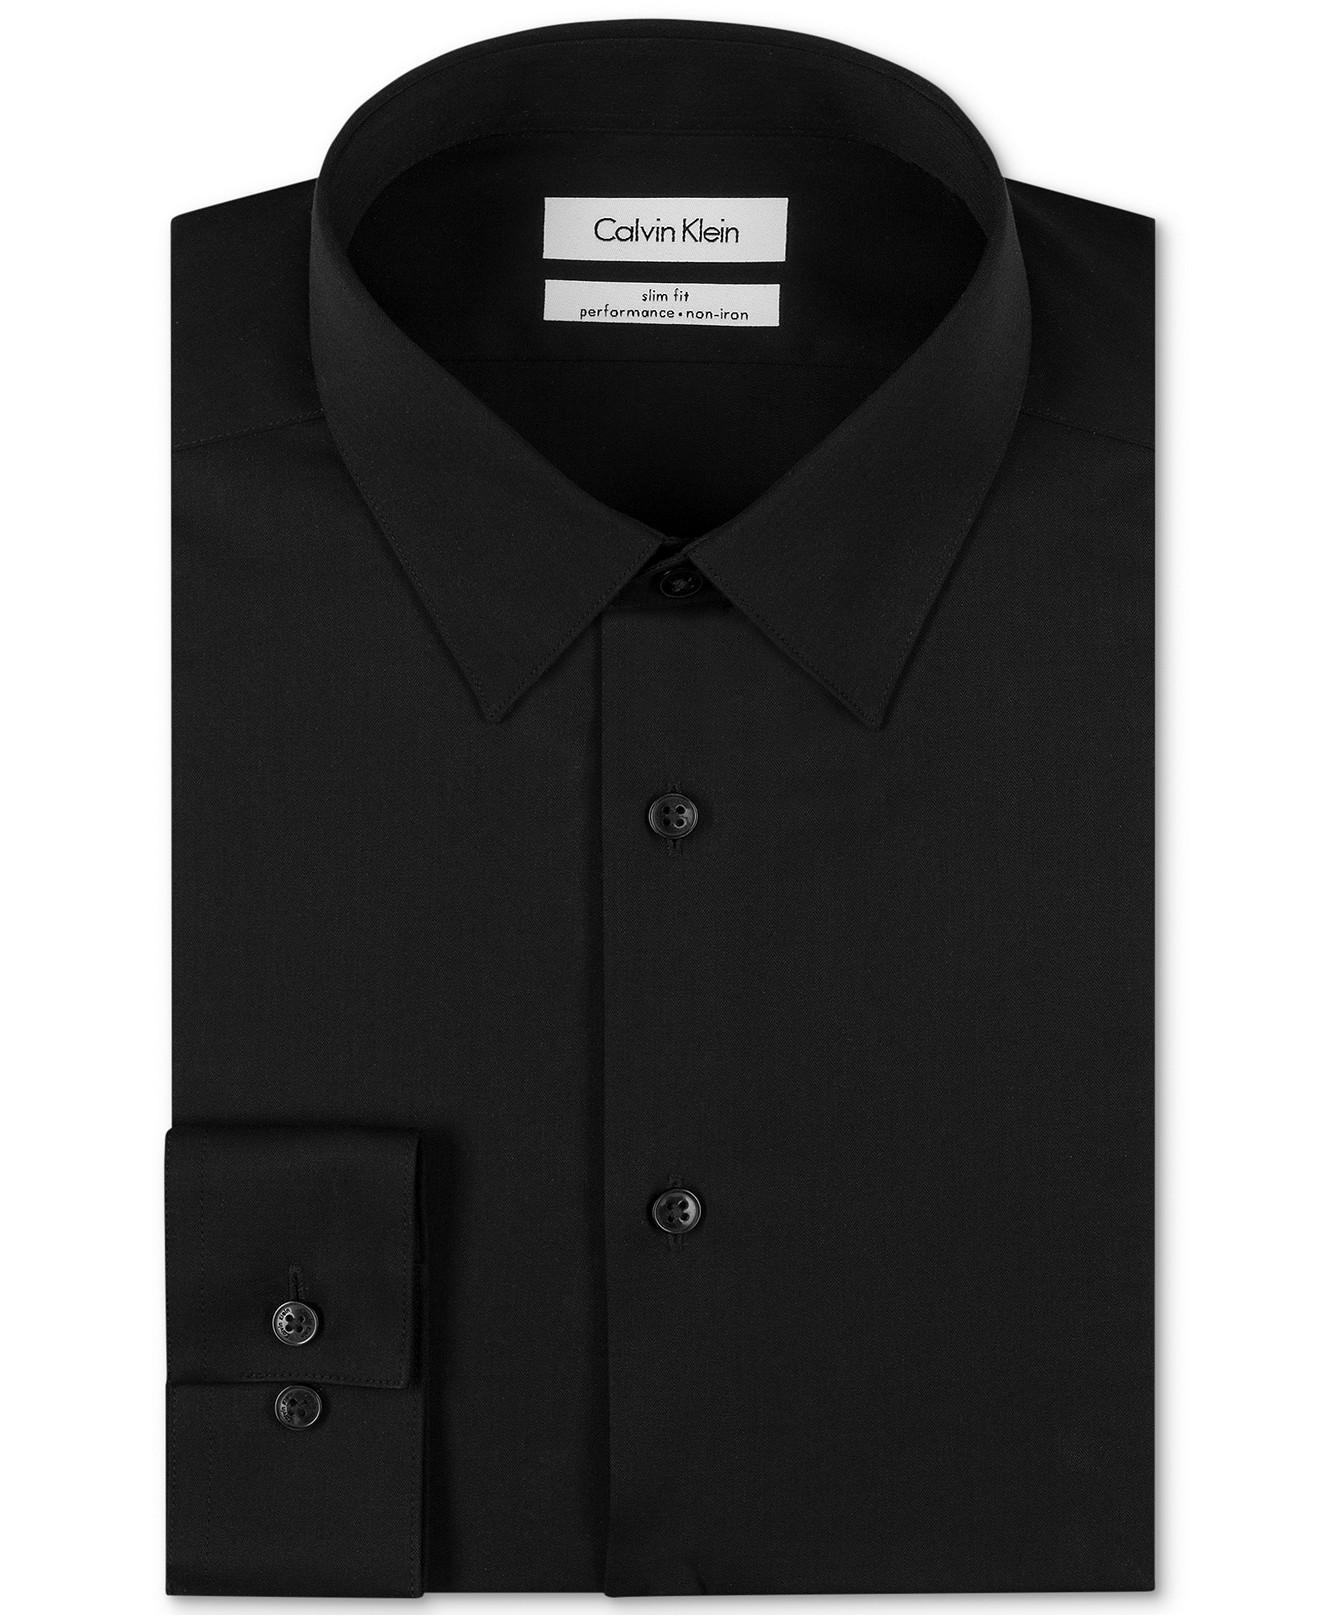 Calvin Klein Steel Slim Fit Non Iron Solid Dress Shirt Ebay